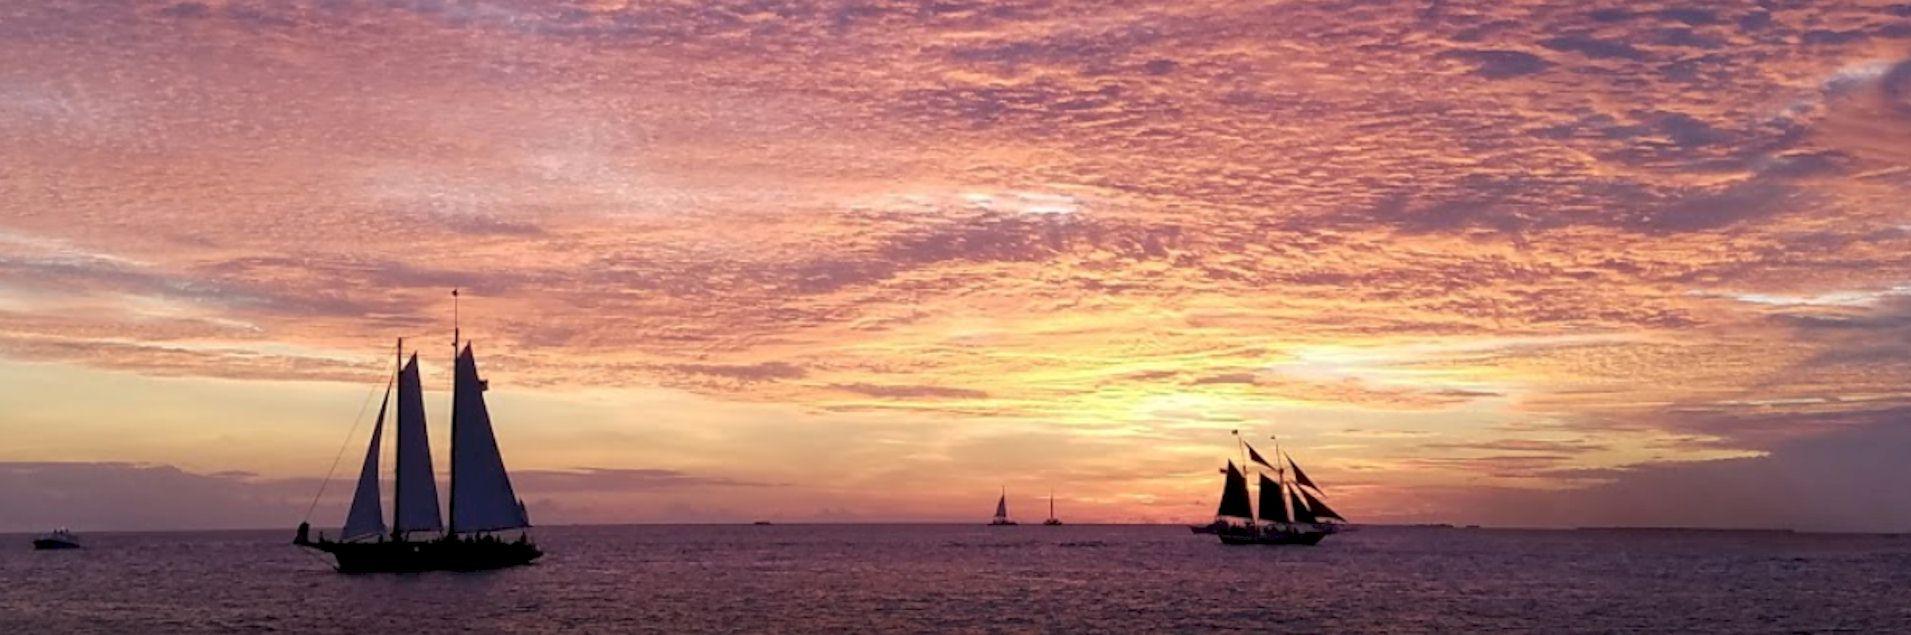 hyatt-sunset-harbor-key-west-resort-4